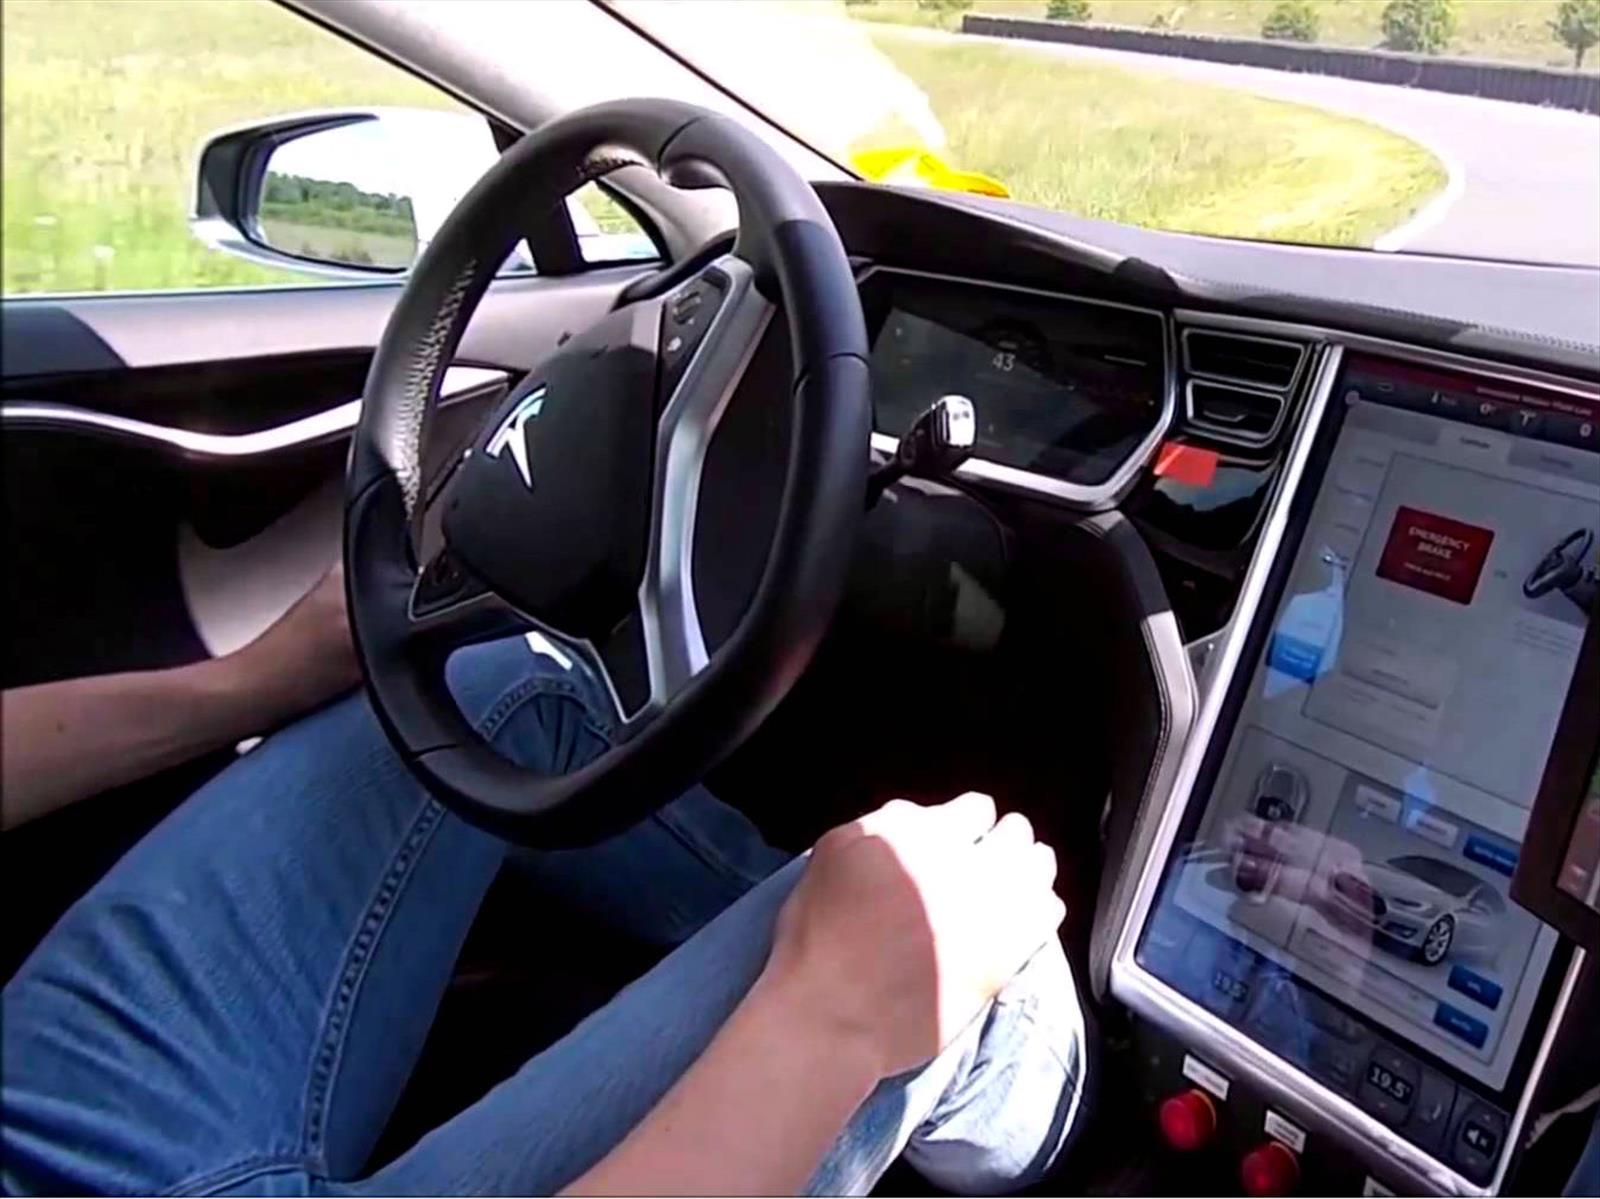 ¡Peligro! El sistema semi-autónomo de Tesla cobra la vida de un conductor